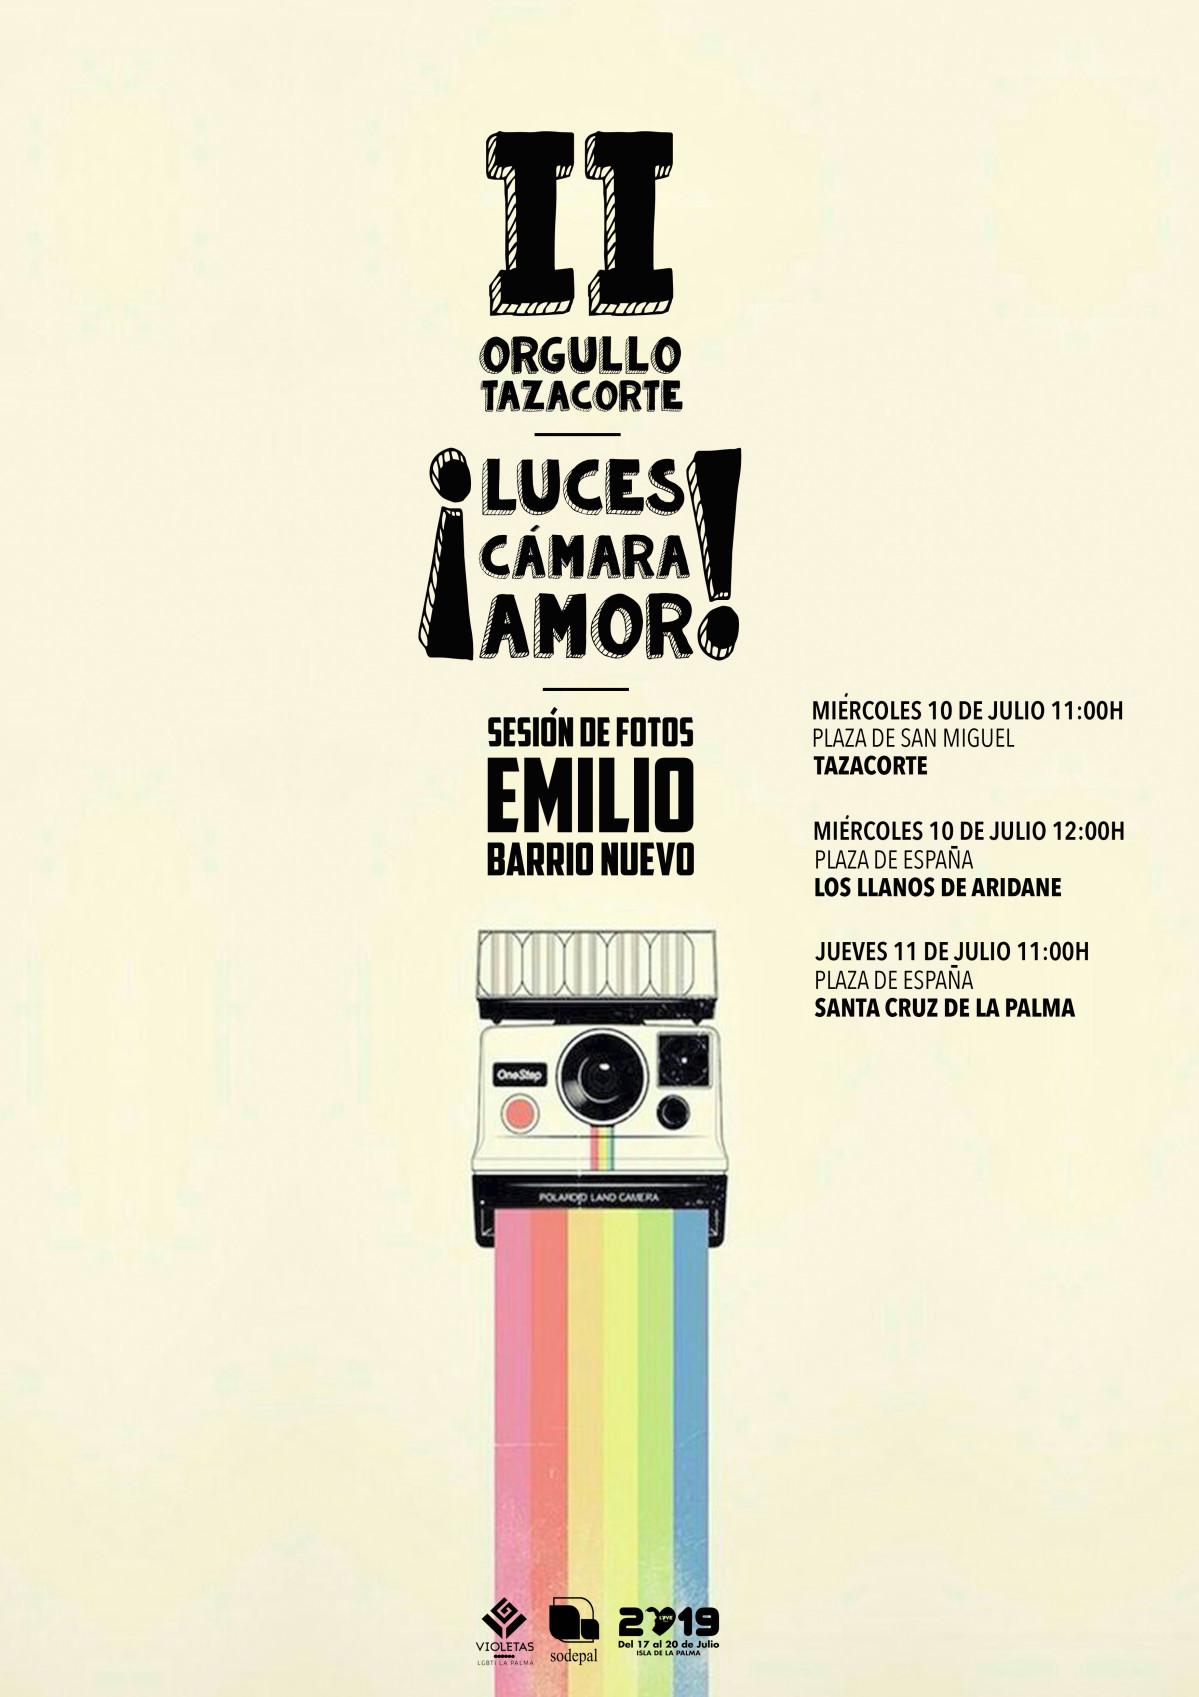 ORGULLO EMILIO FOTOS